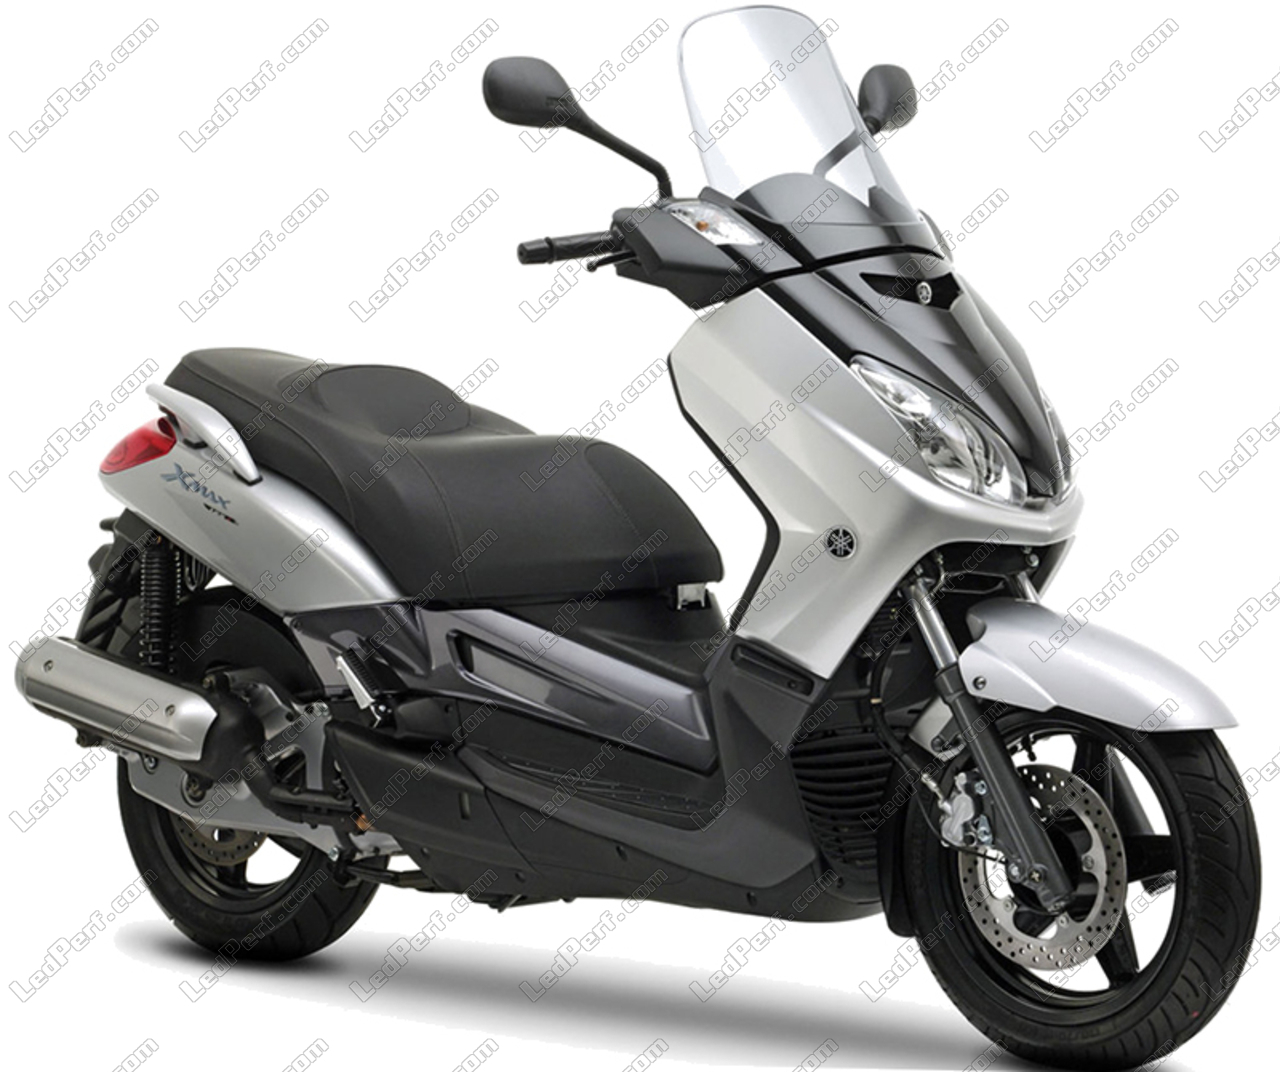 הגדול Additional LED headlights for scooter Yamaha X-Max 125 (2006 - 2009) AF-48